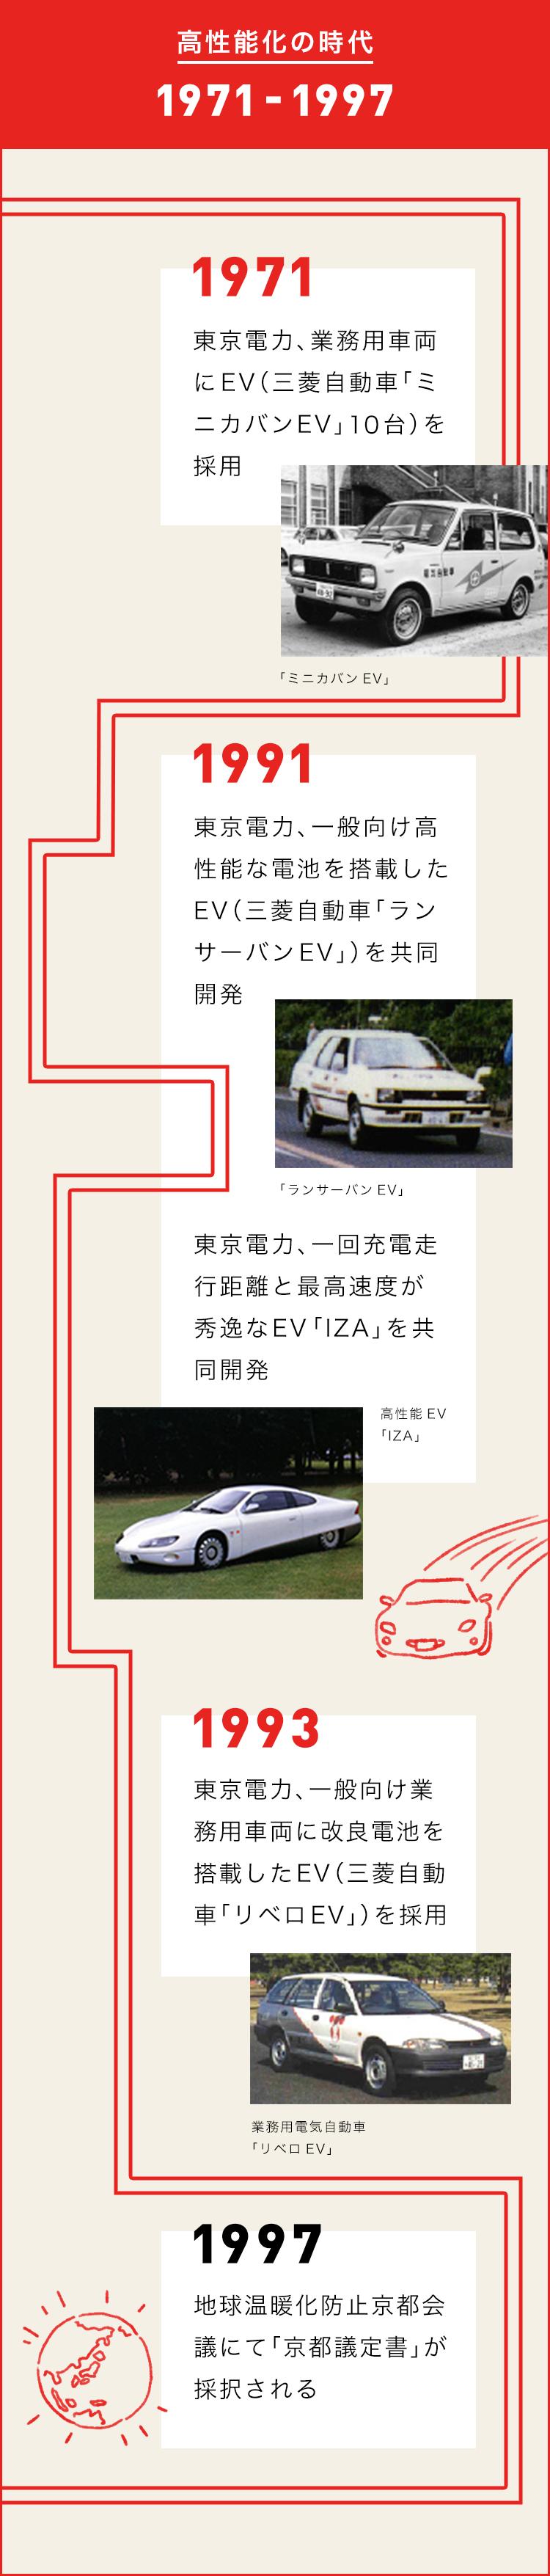 電気自動車(EV)の歴史